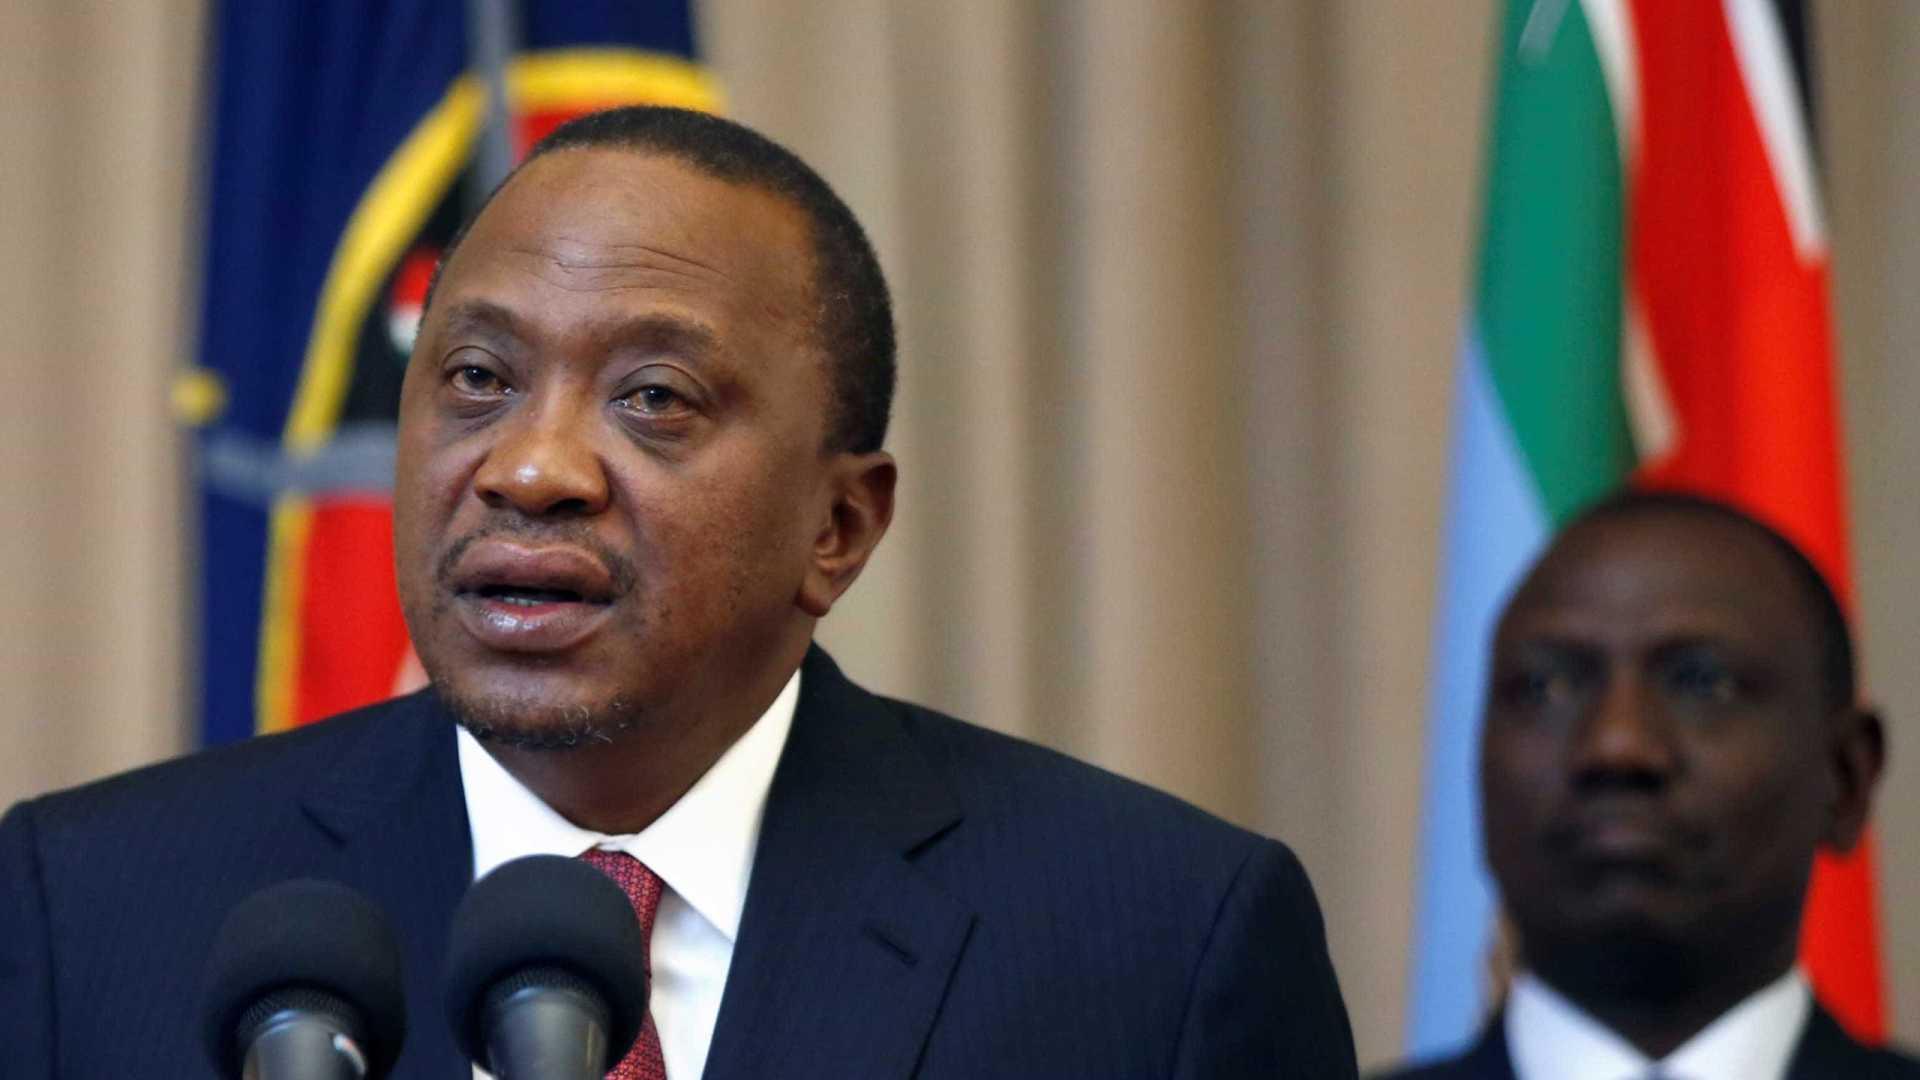 presidente do quénia reeleito com 98,26% dos votos - queniata - Presidente do Quénia reeleito com 98,26% dos votos